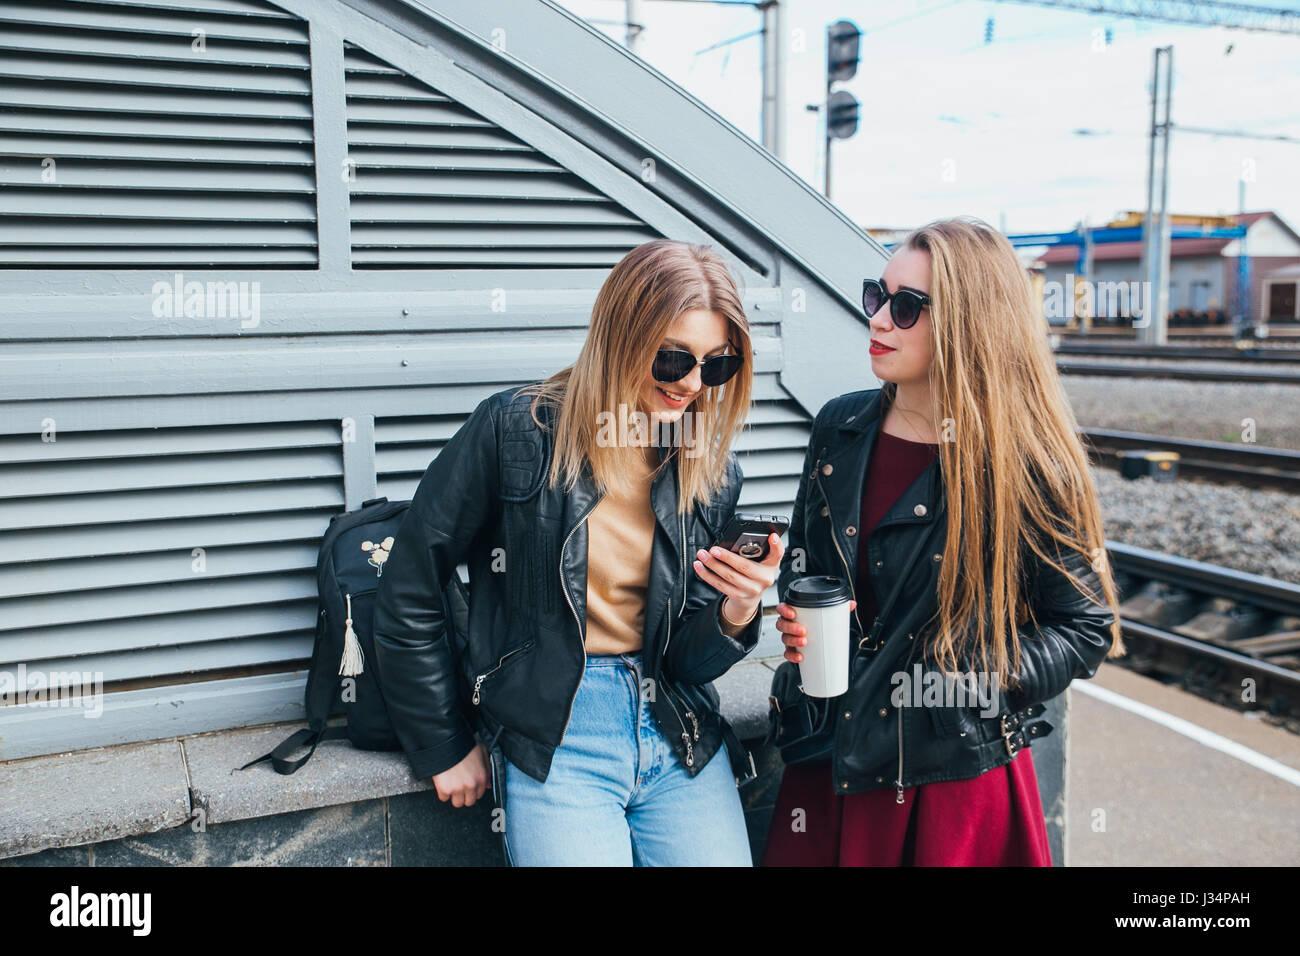 Duas mulheres conversando na Cidade.piscina estilo retrato dos dois melhores amigos hipster meninas vestindo elegante Foto de Stock